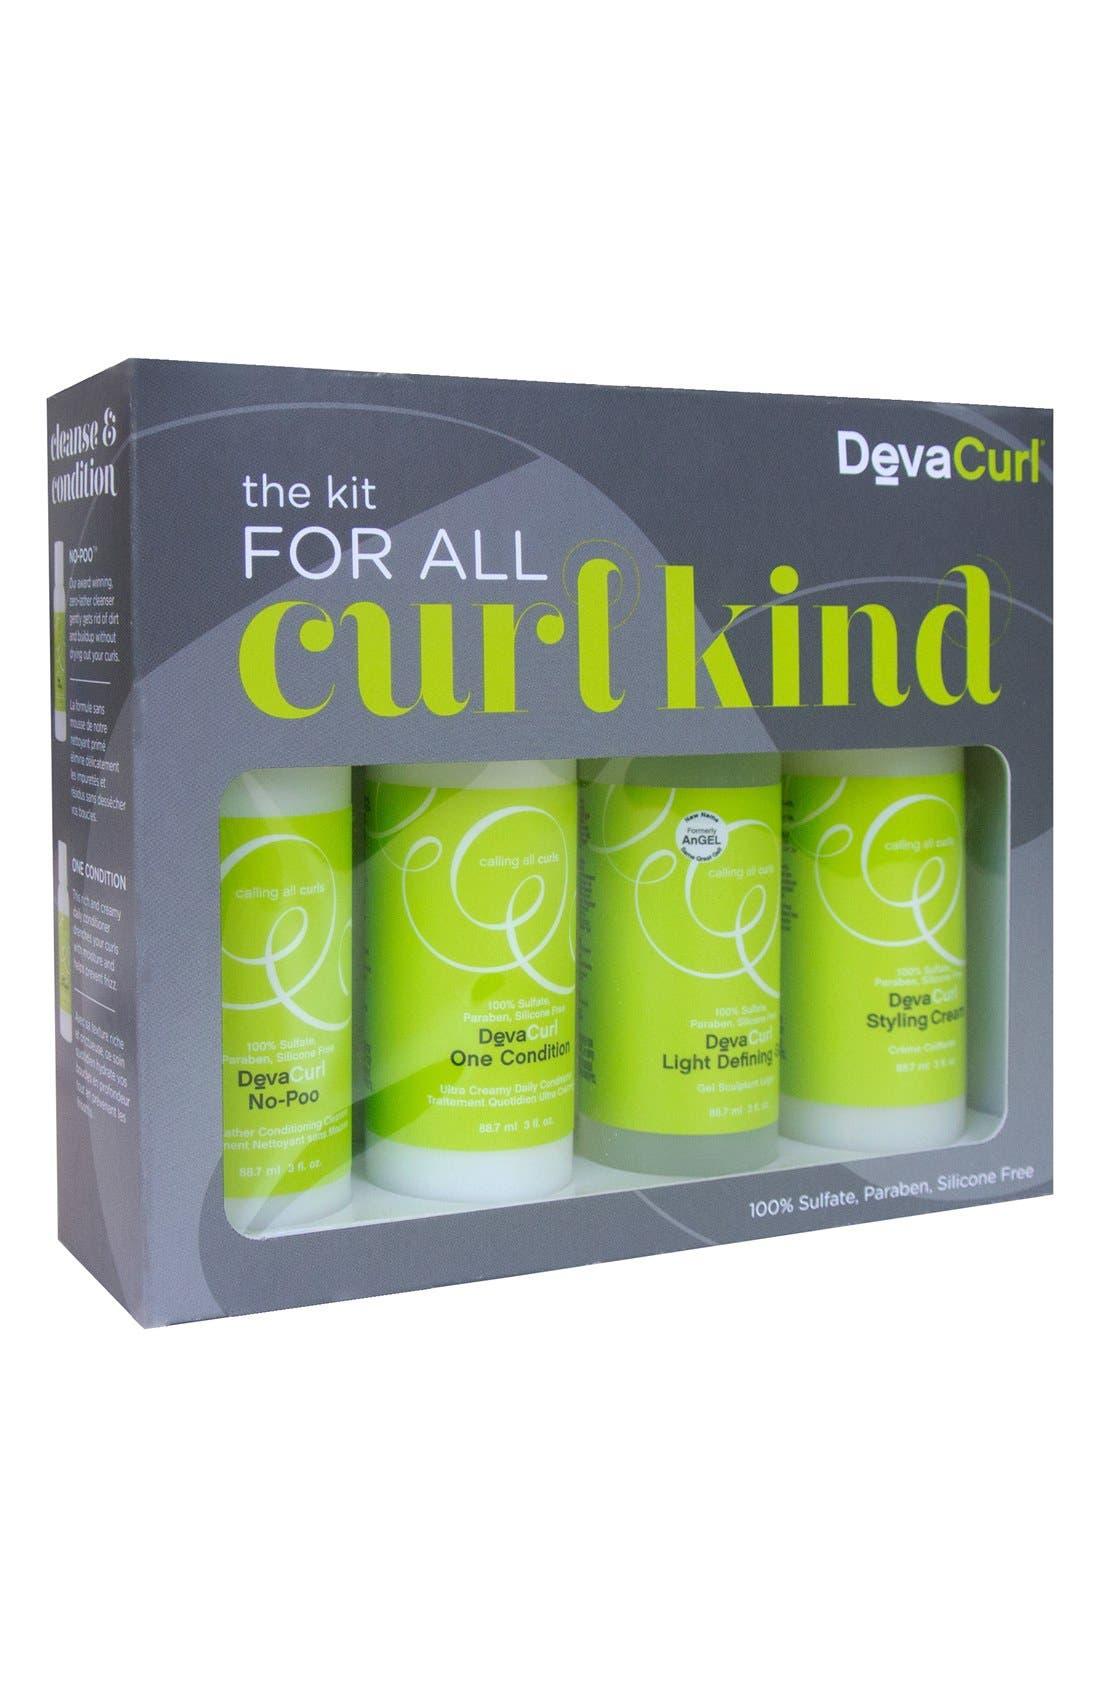 DevaCurl 'The Kit for All Curl Kind' Set ($41 Value)